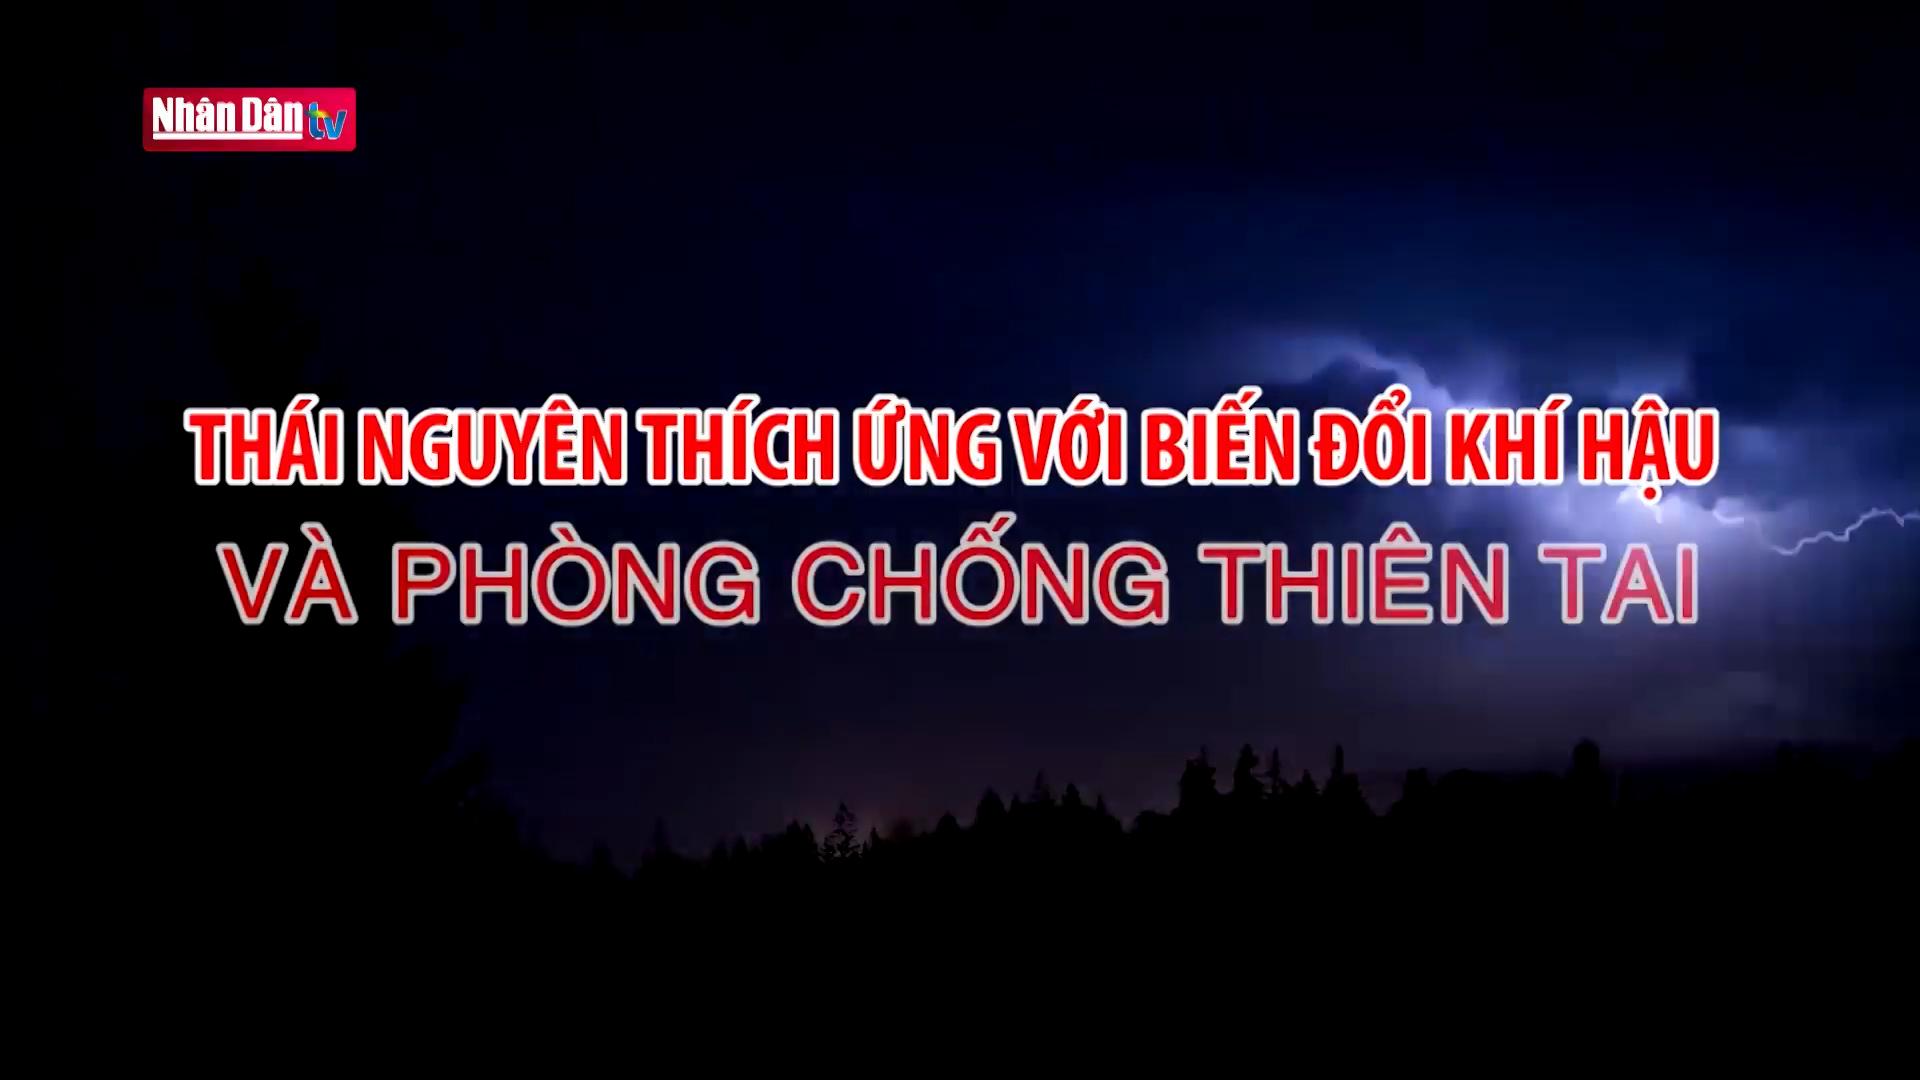 Thái Nguyên thích ứng với biến đổi khí hậu và phòng chống thiên tai.